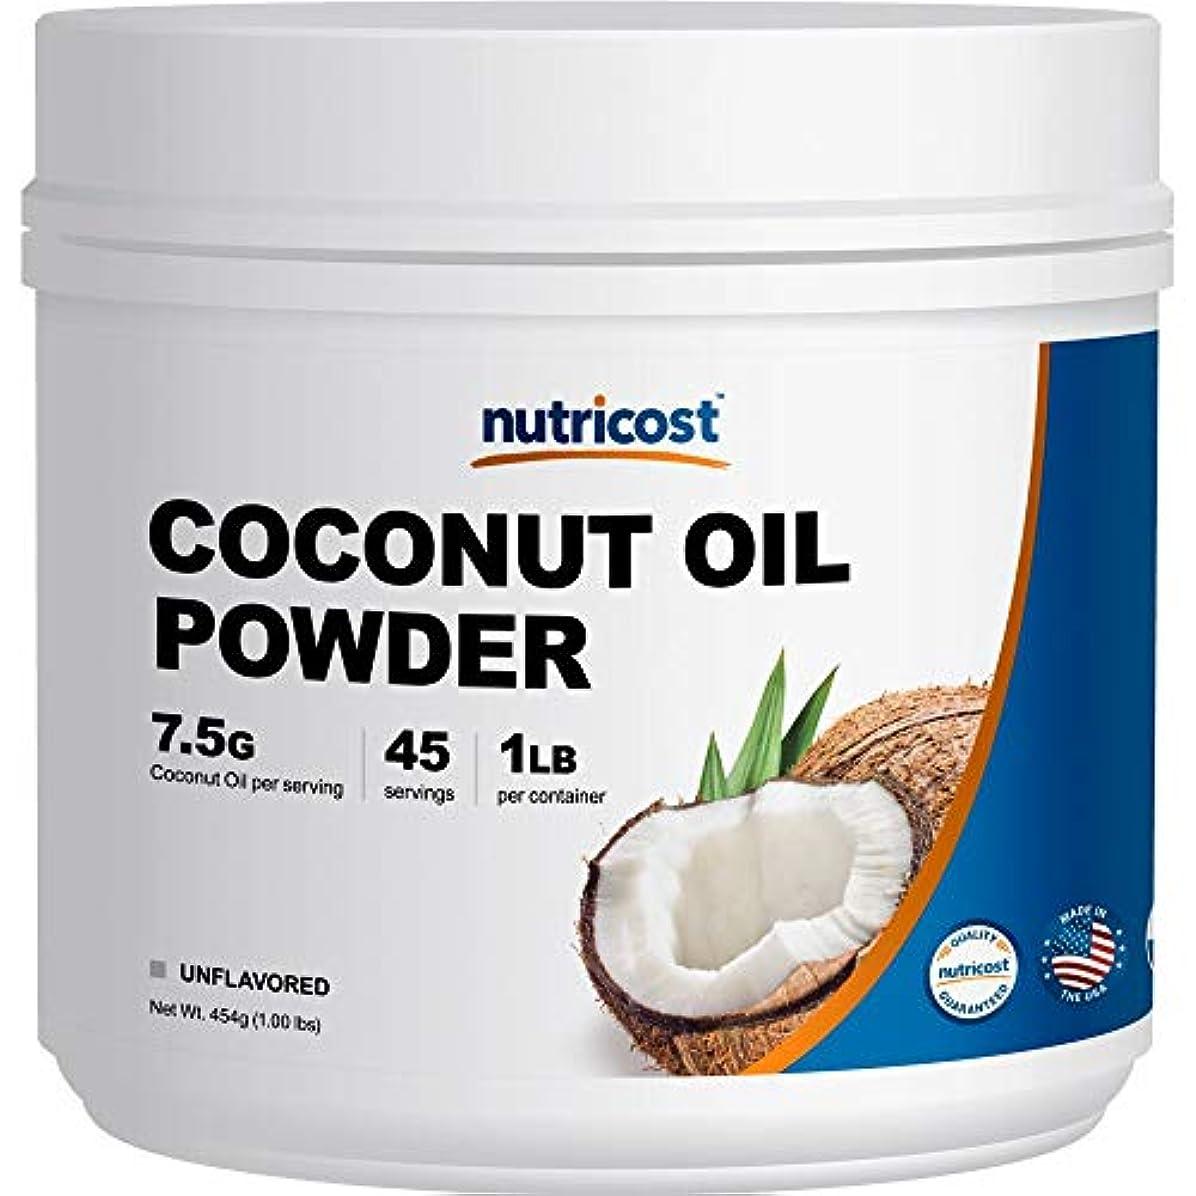 揃える蒸気実用的Nutricost ココナッツオイルパウダー 1LB、45食分、非GMO、グルテンフリー